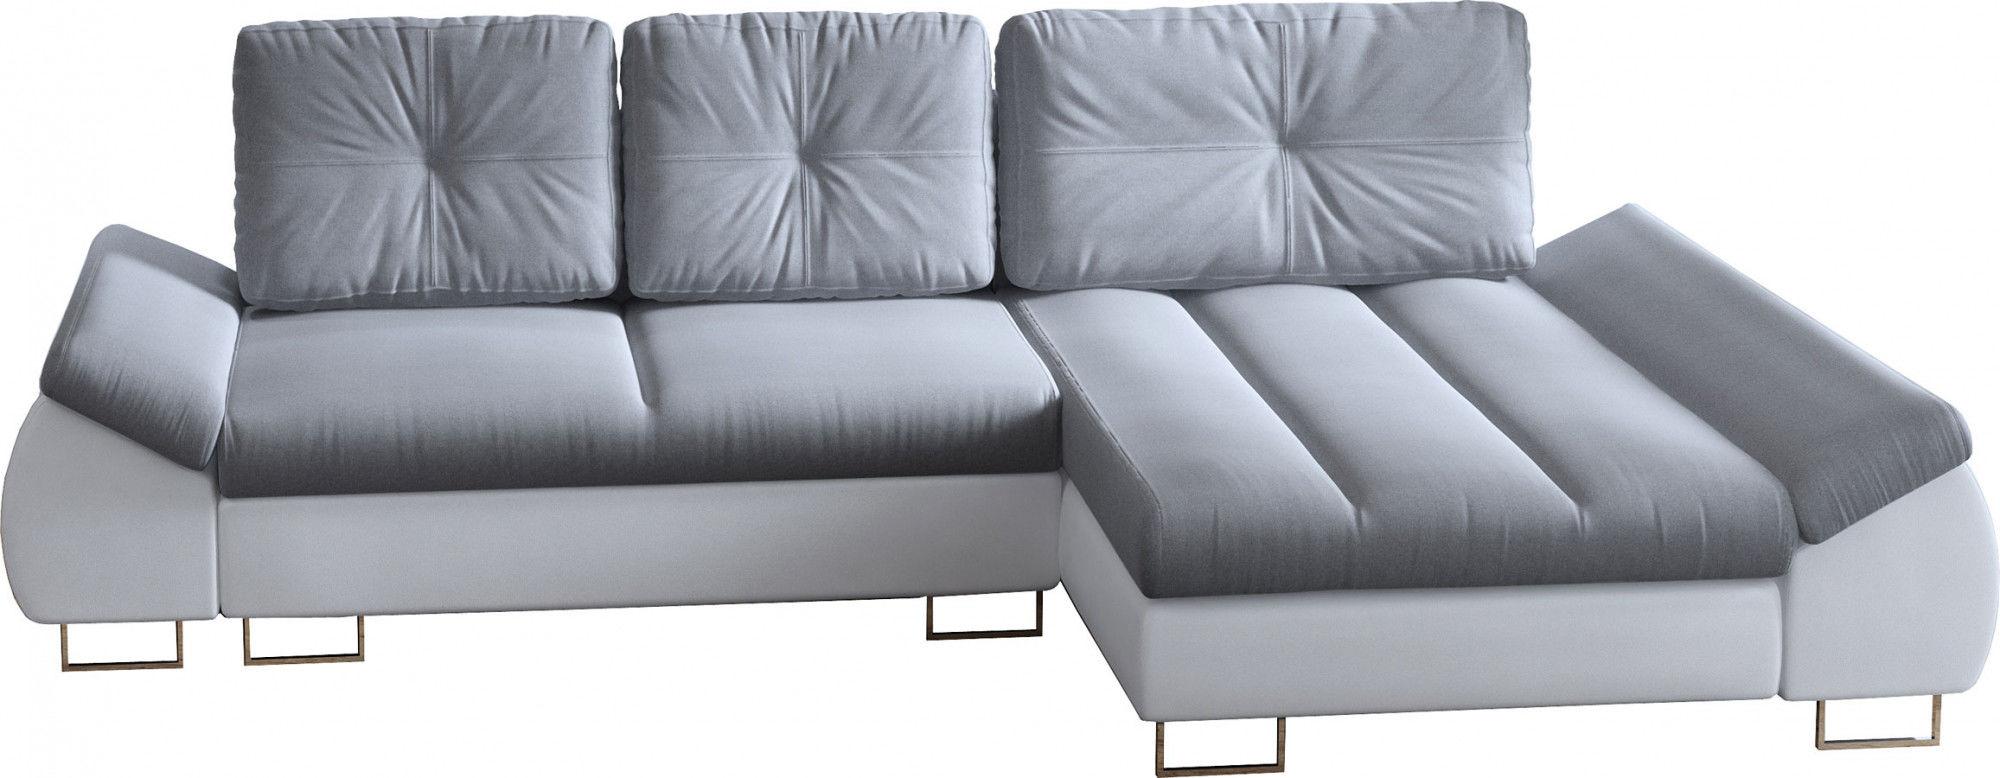 Rozkładana kanapa narożna - Epilos 45 kolorów